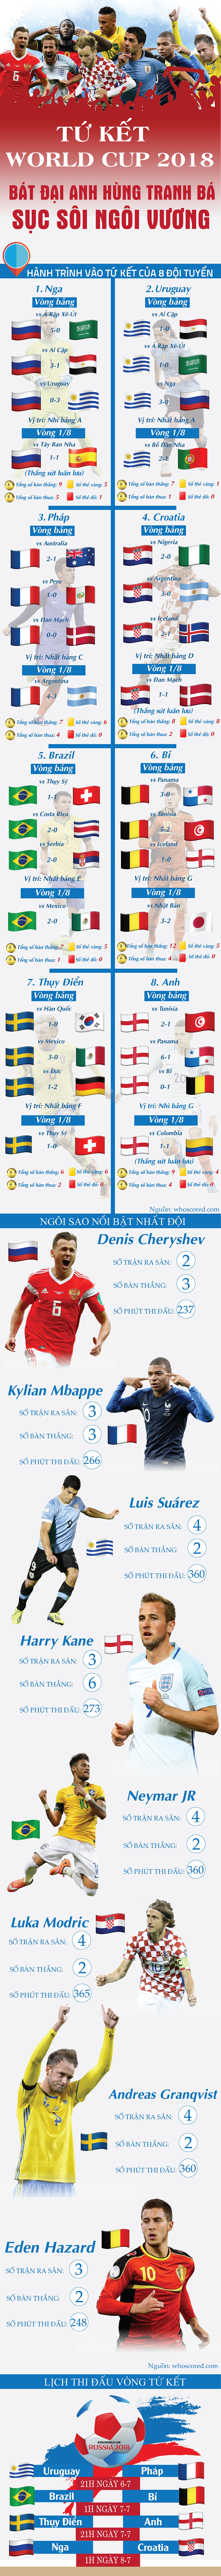 Tứ kết World Cup: Bát đại anh hùng tranh bá, sục sôi ngôi vương - 1